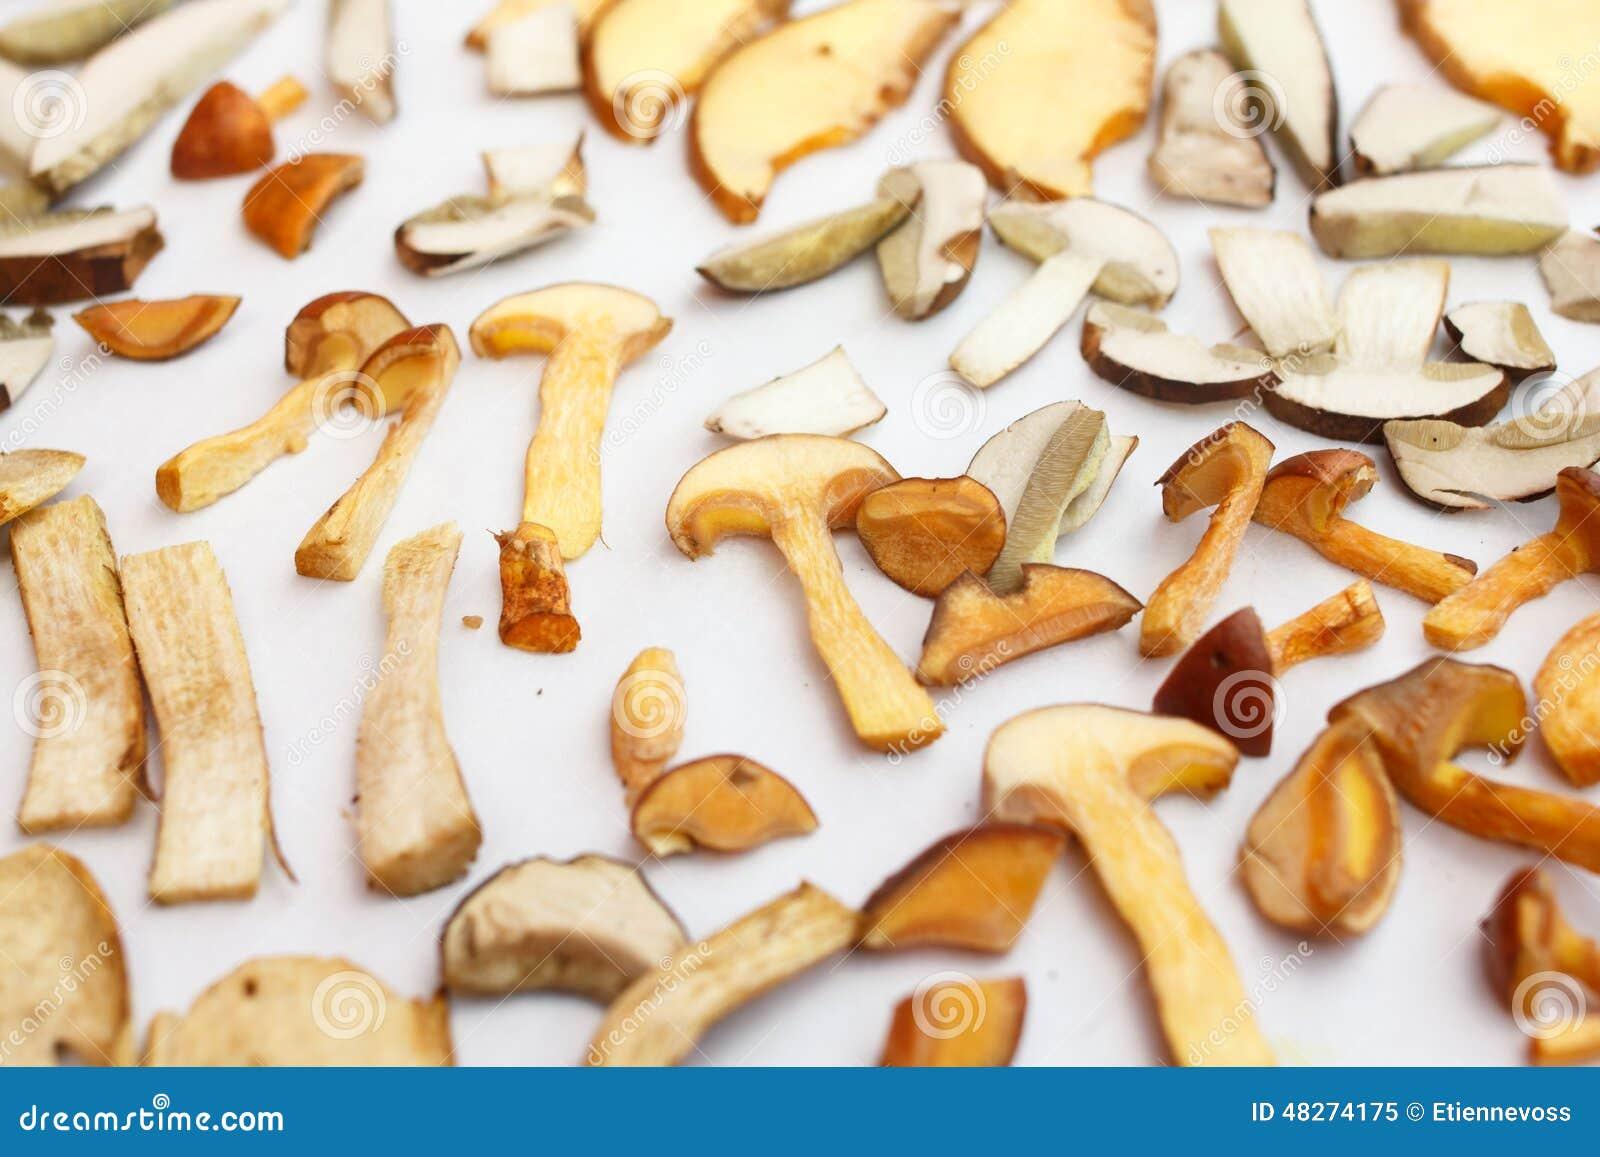 Molti generi di funghi della foresta